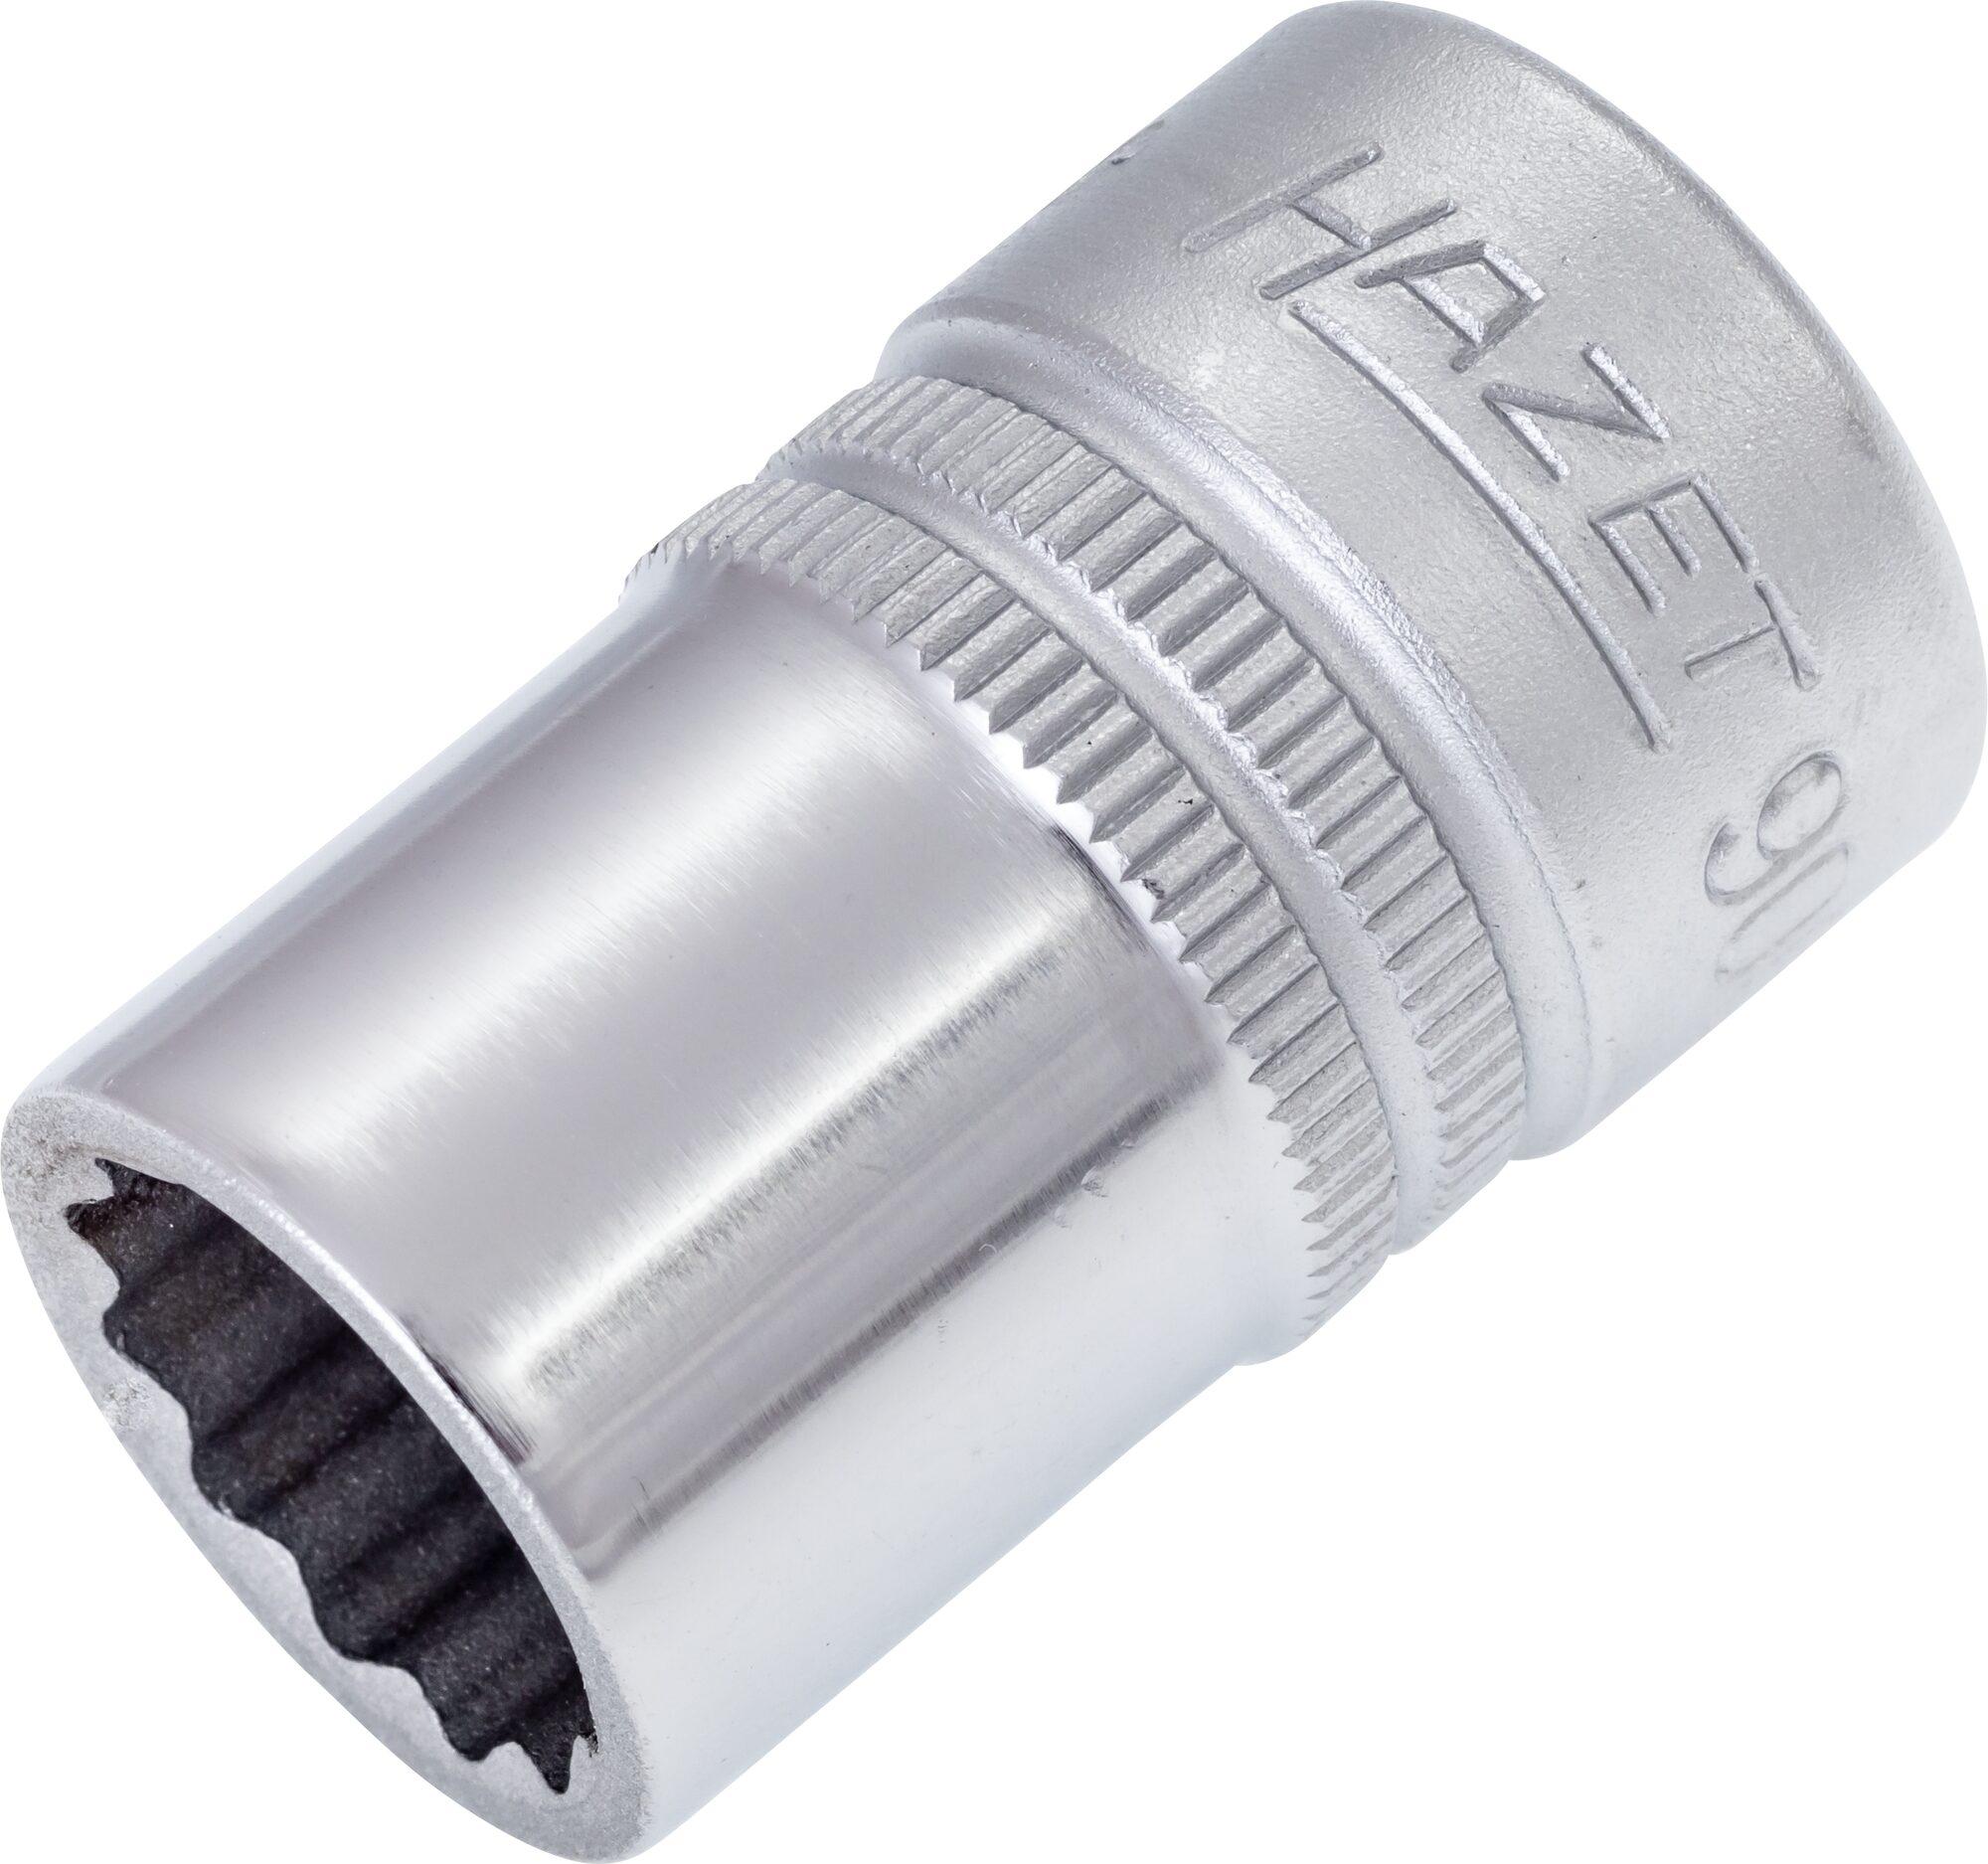 HAZET Steckschlüsseleinsatz ∙ Doppelsechskant 900Z-14 ∙ Vierkant hohl 12,5 mm (1/2 Zoll) ∙ 14 mm